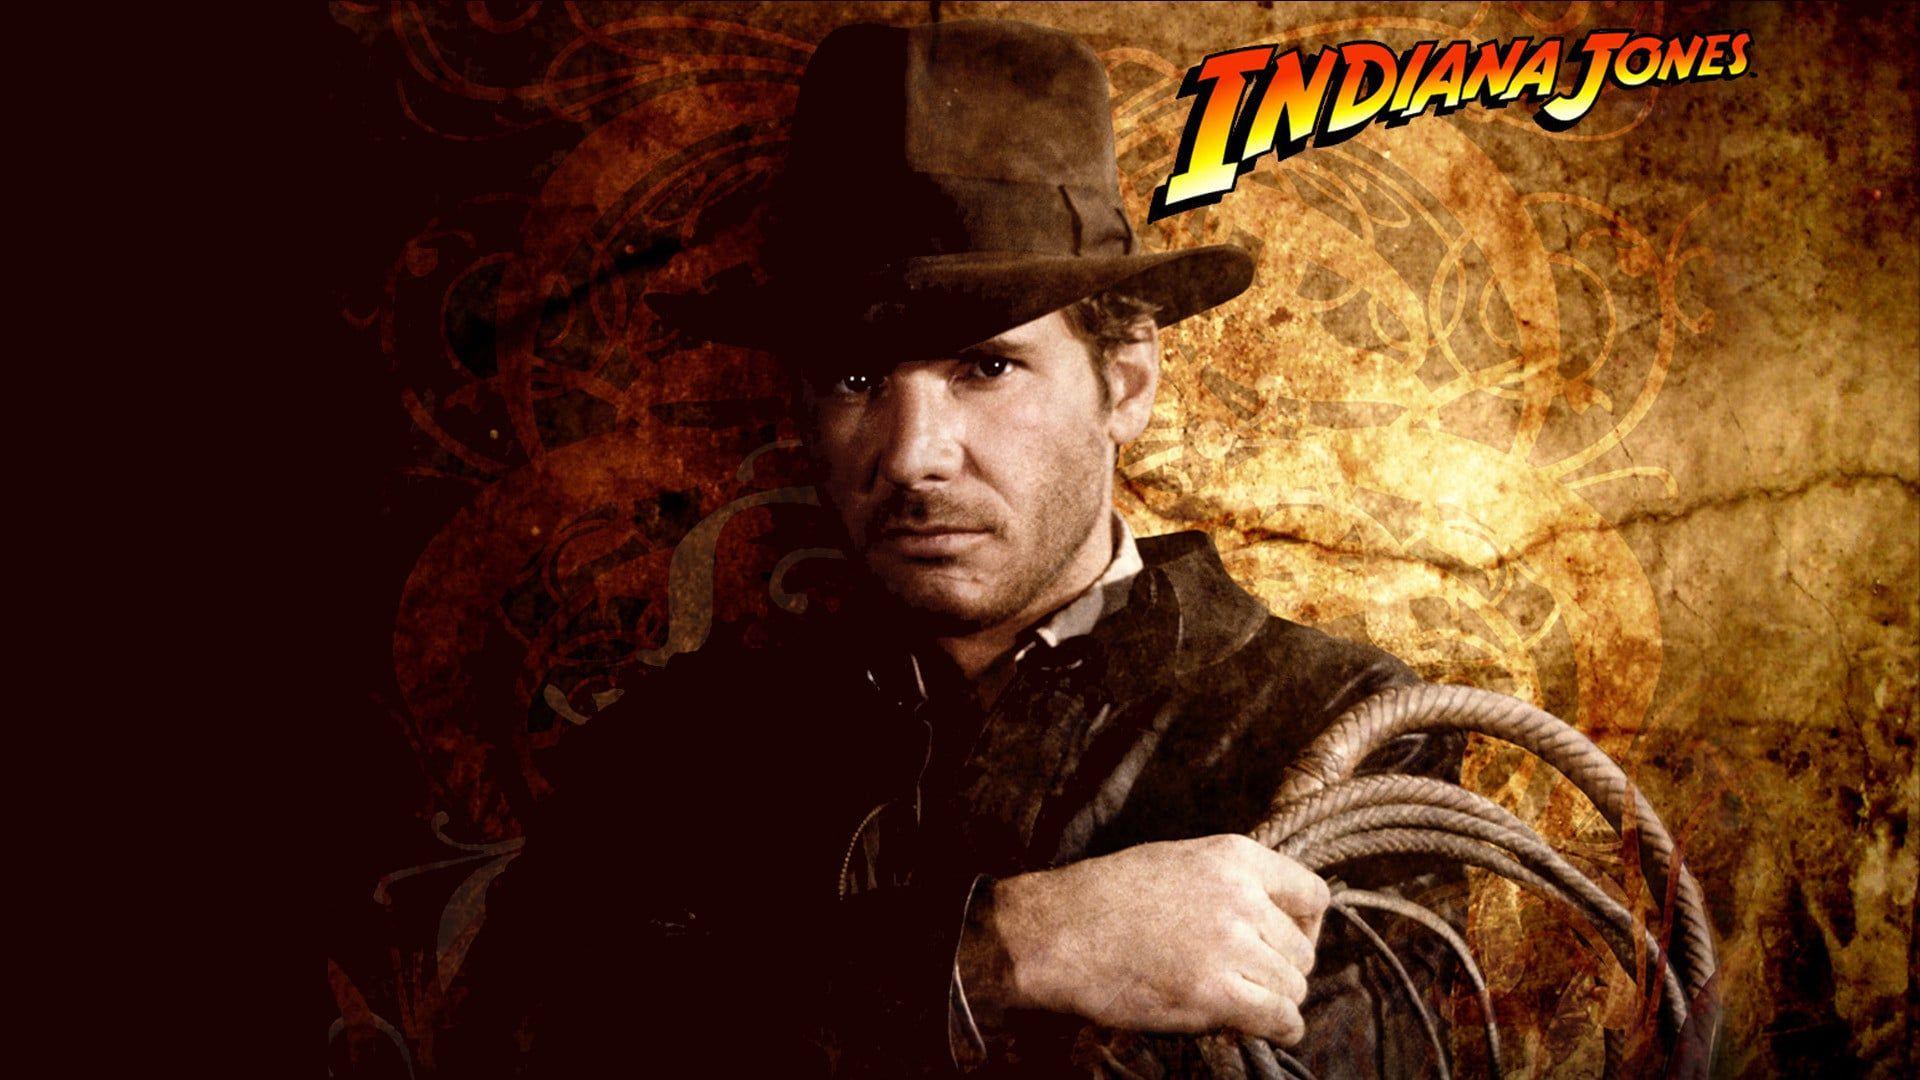 Jager Des Verlorenen Schatzes 1981 Ganzer Film Stream Deutsch Komplett Online Jager Des Verlorenen Schatzes 1981complete Indiana Jones Film Film Completi